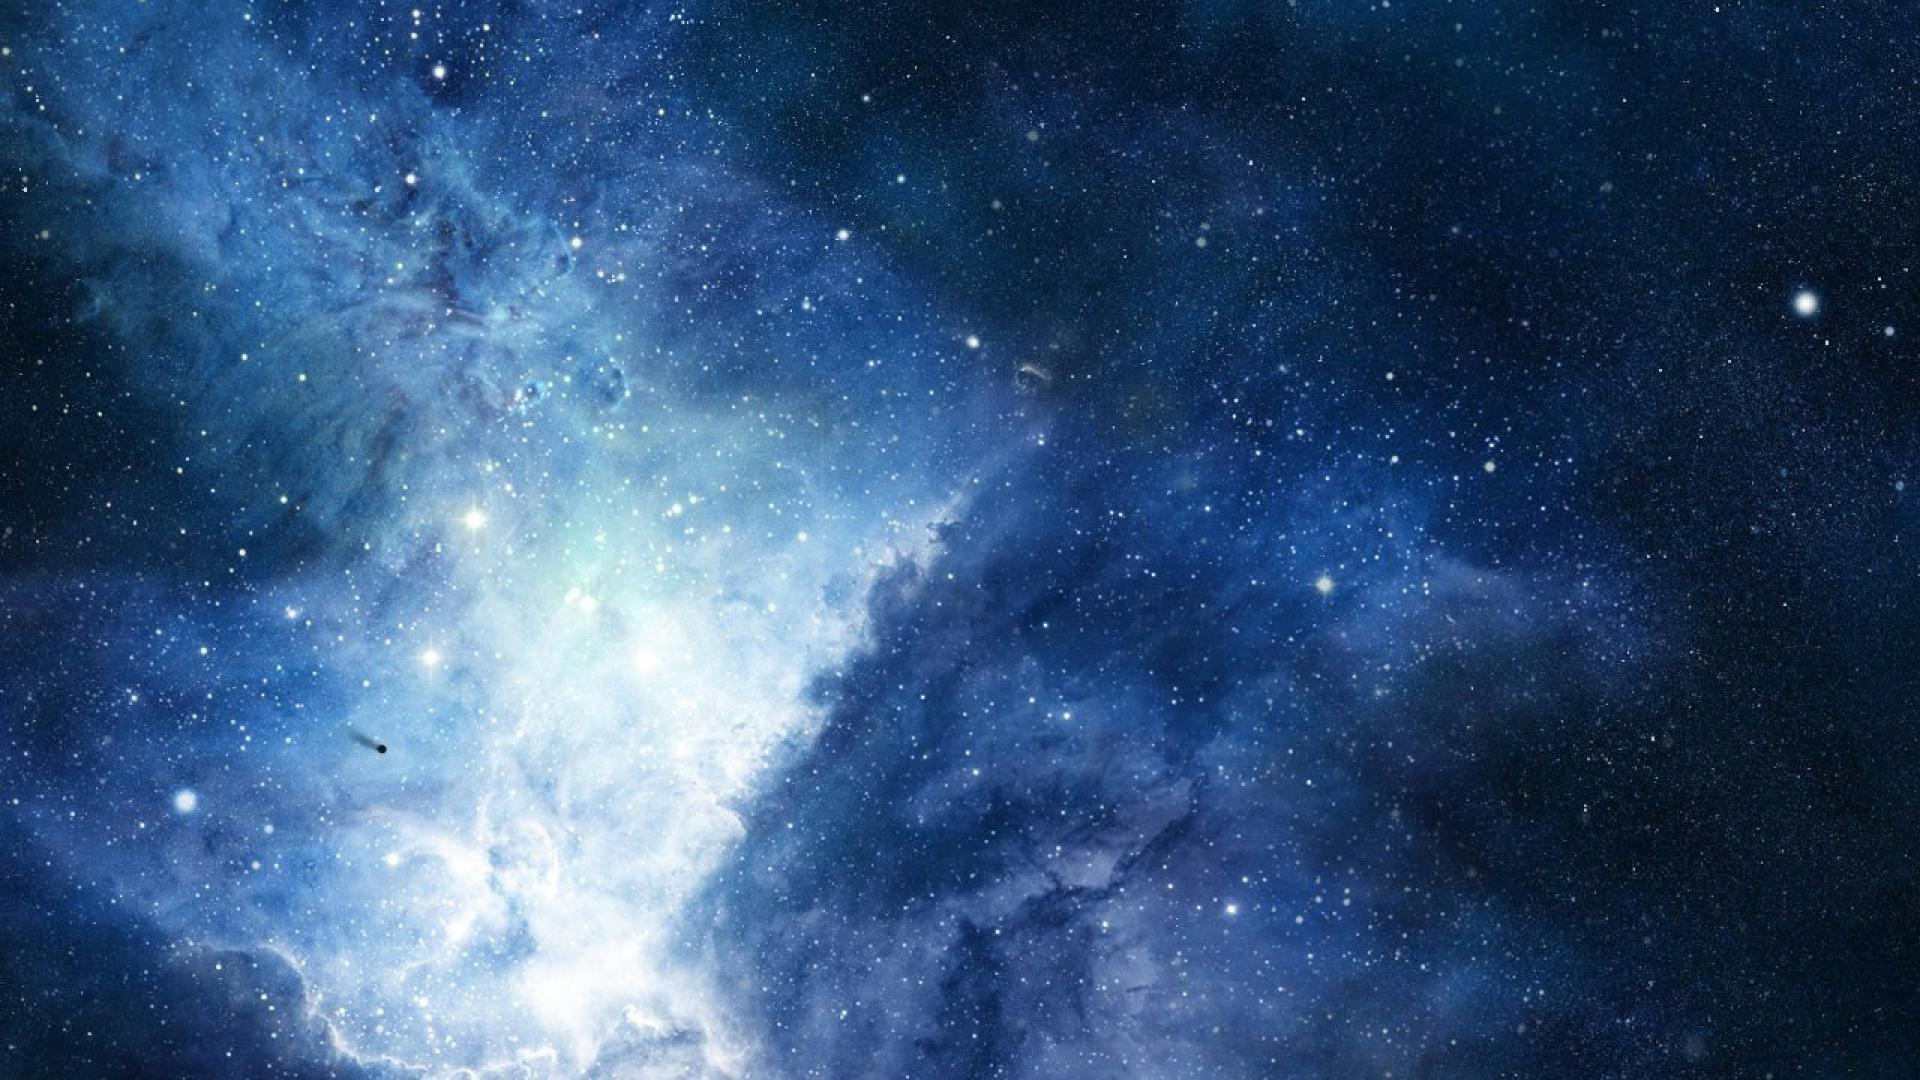 [47+] Stars Wallpaper HD on WallpaperSafari